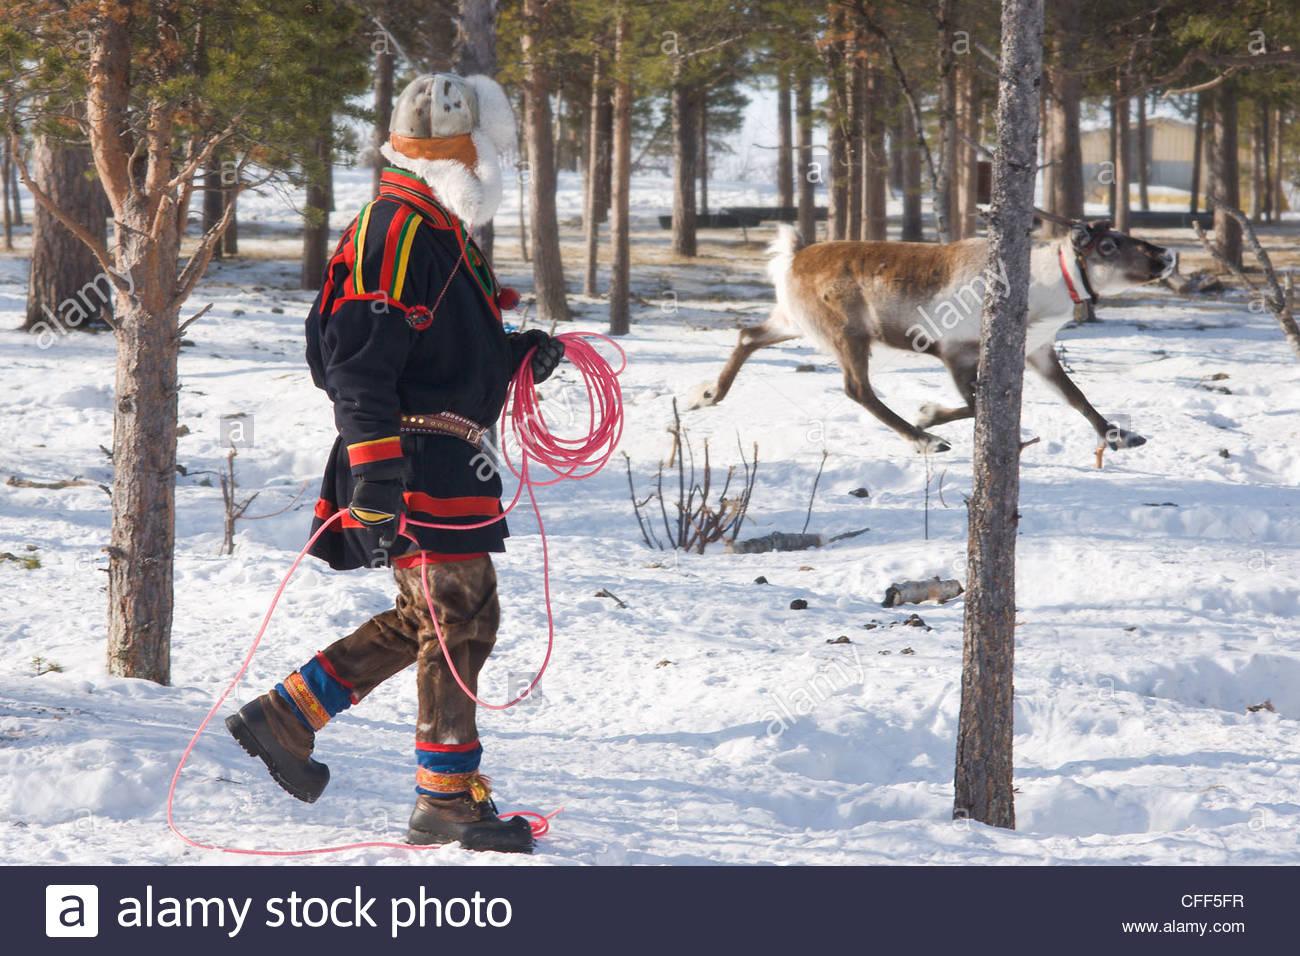 Sami uomo tenta di lazo una renna al suo homestead, Kiruna, Lapponia, arctic Svezia, Scandinavia, Europa Immagini Stock